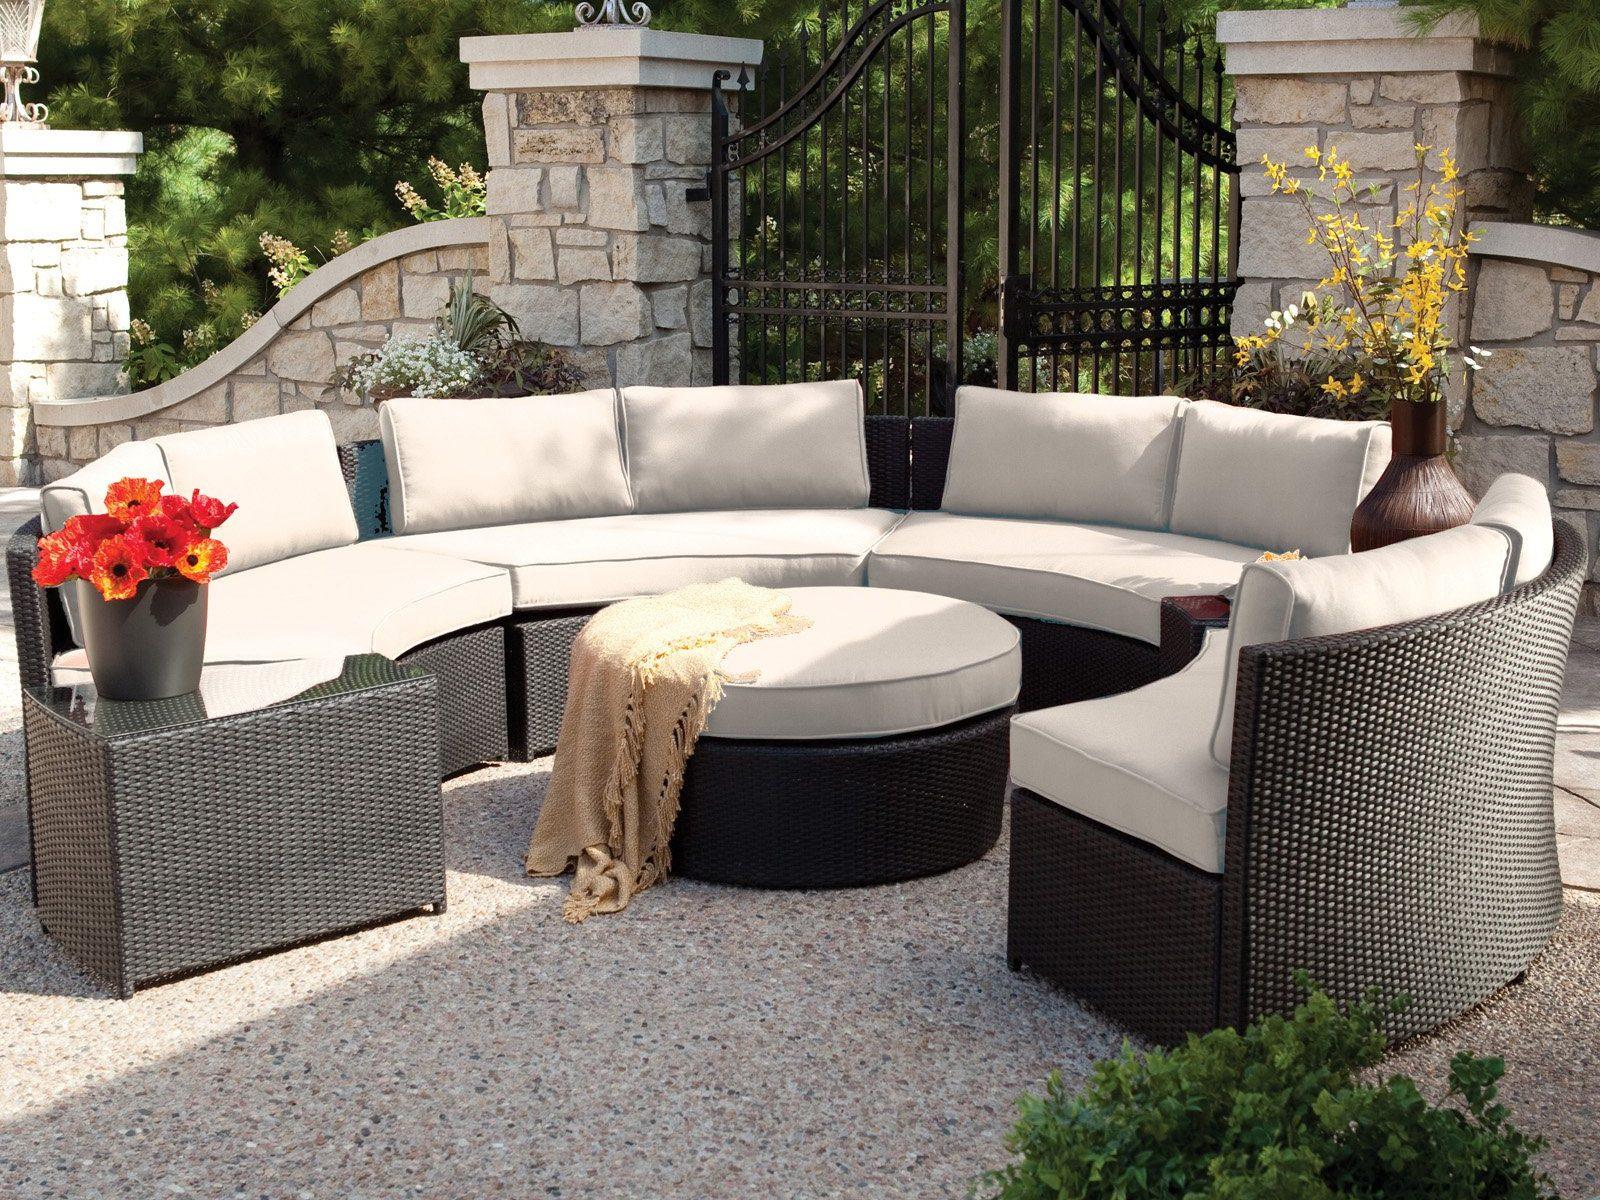 Garden Wicker Garden Table Rattan Garden Table Set Weatherproof inside outdoor furniture sets